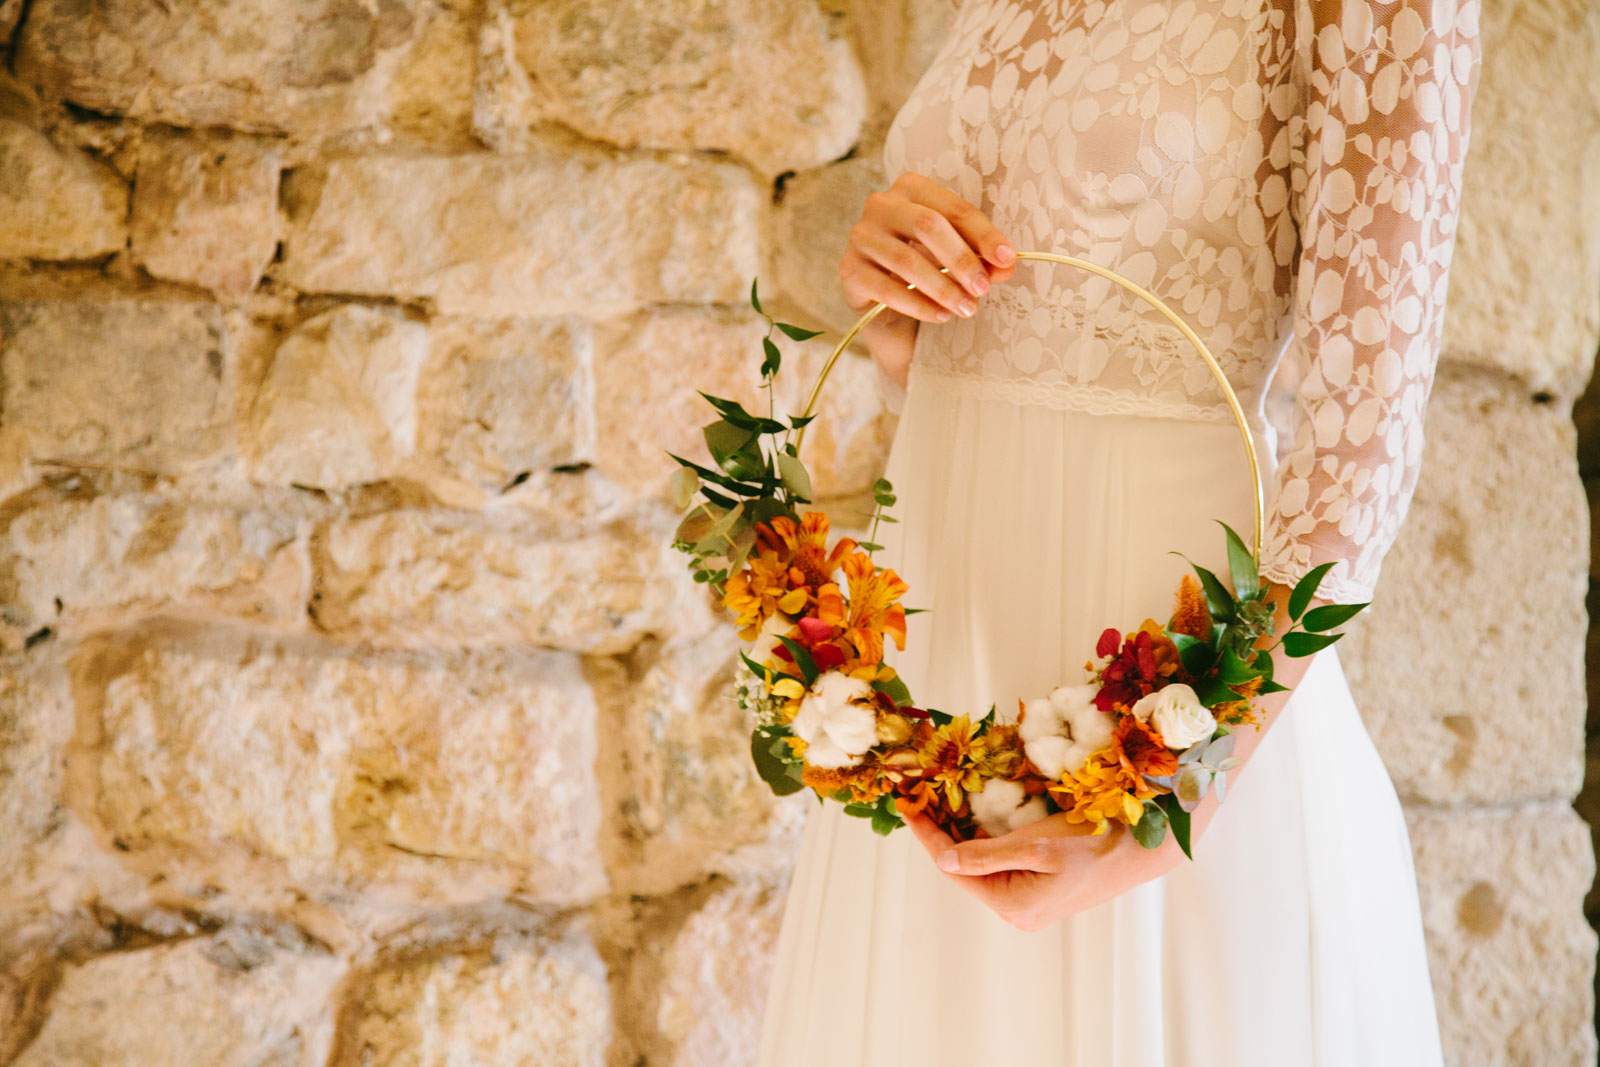 Diseñamos y personalizamos la decoración floral para tu boda